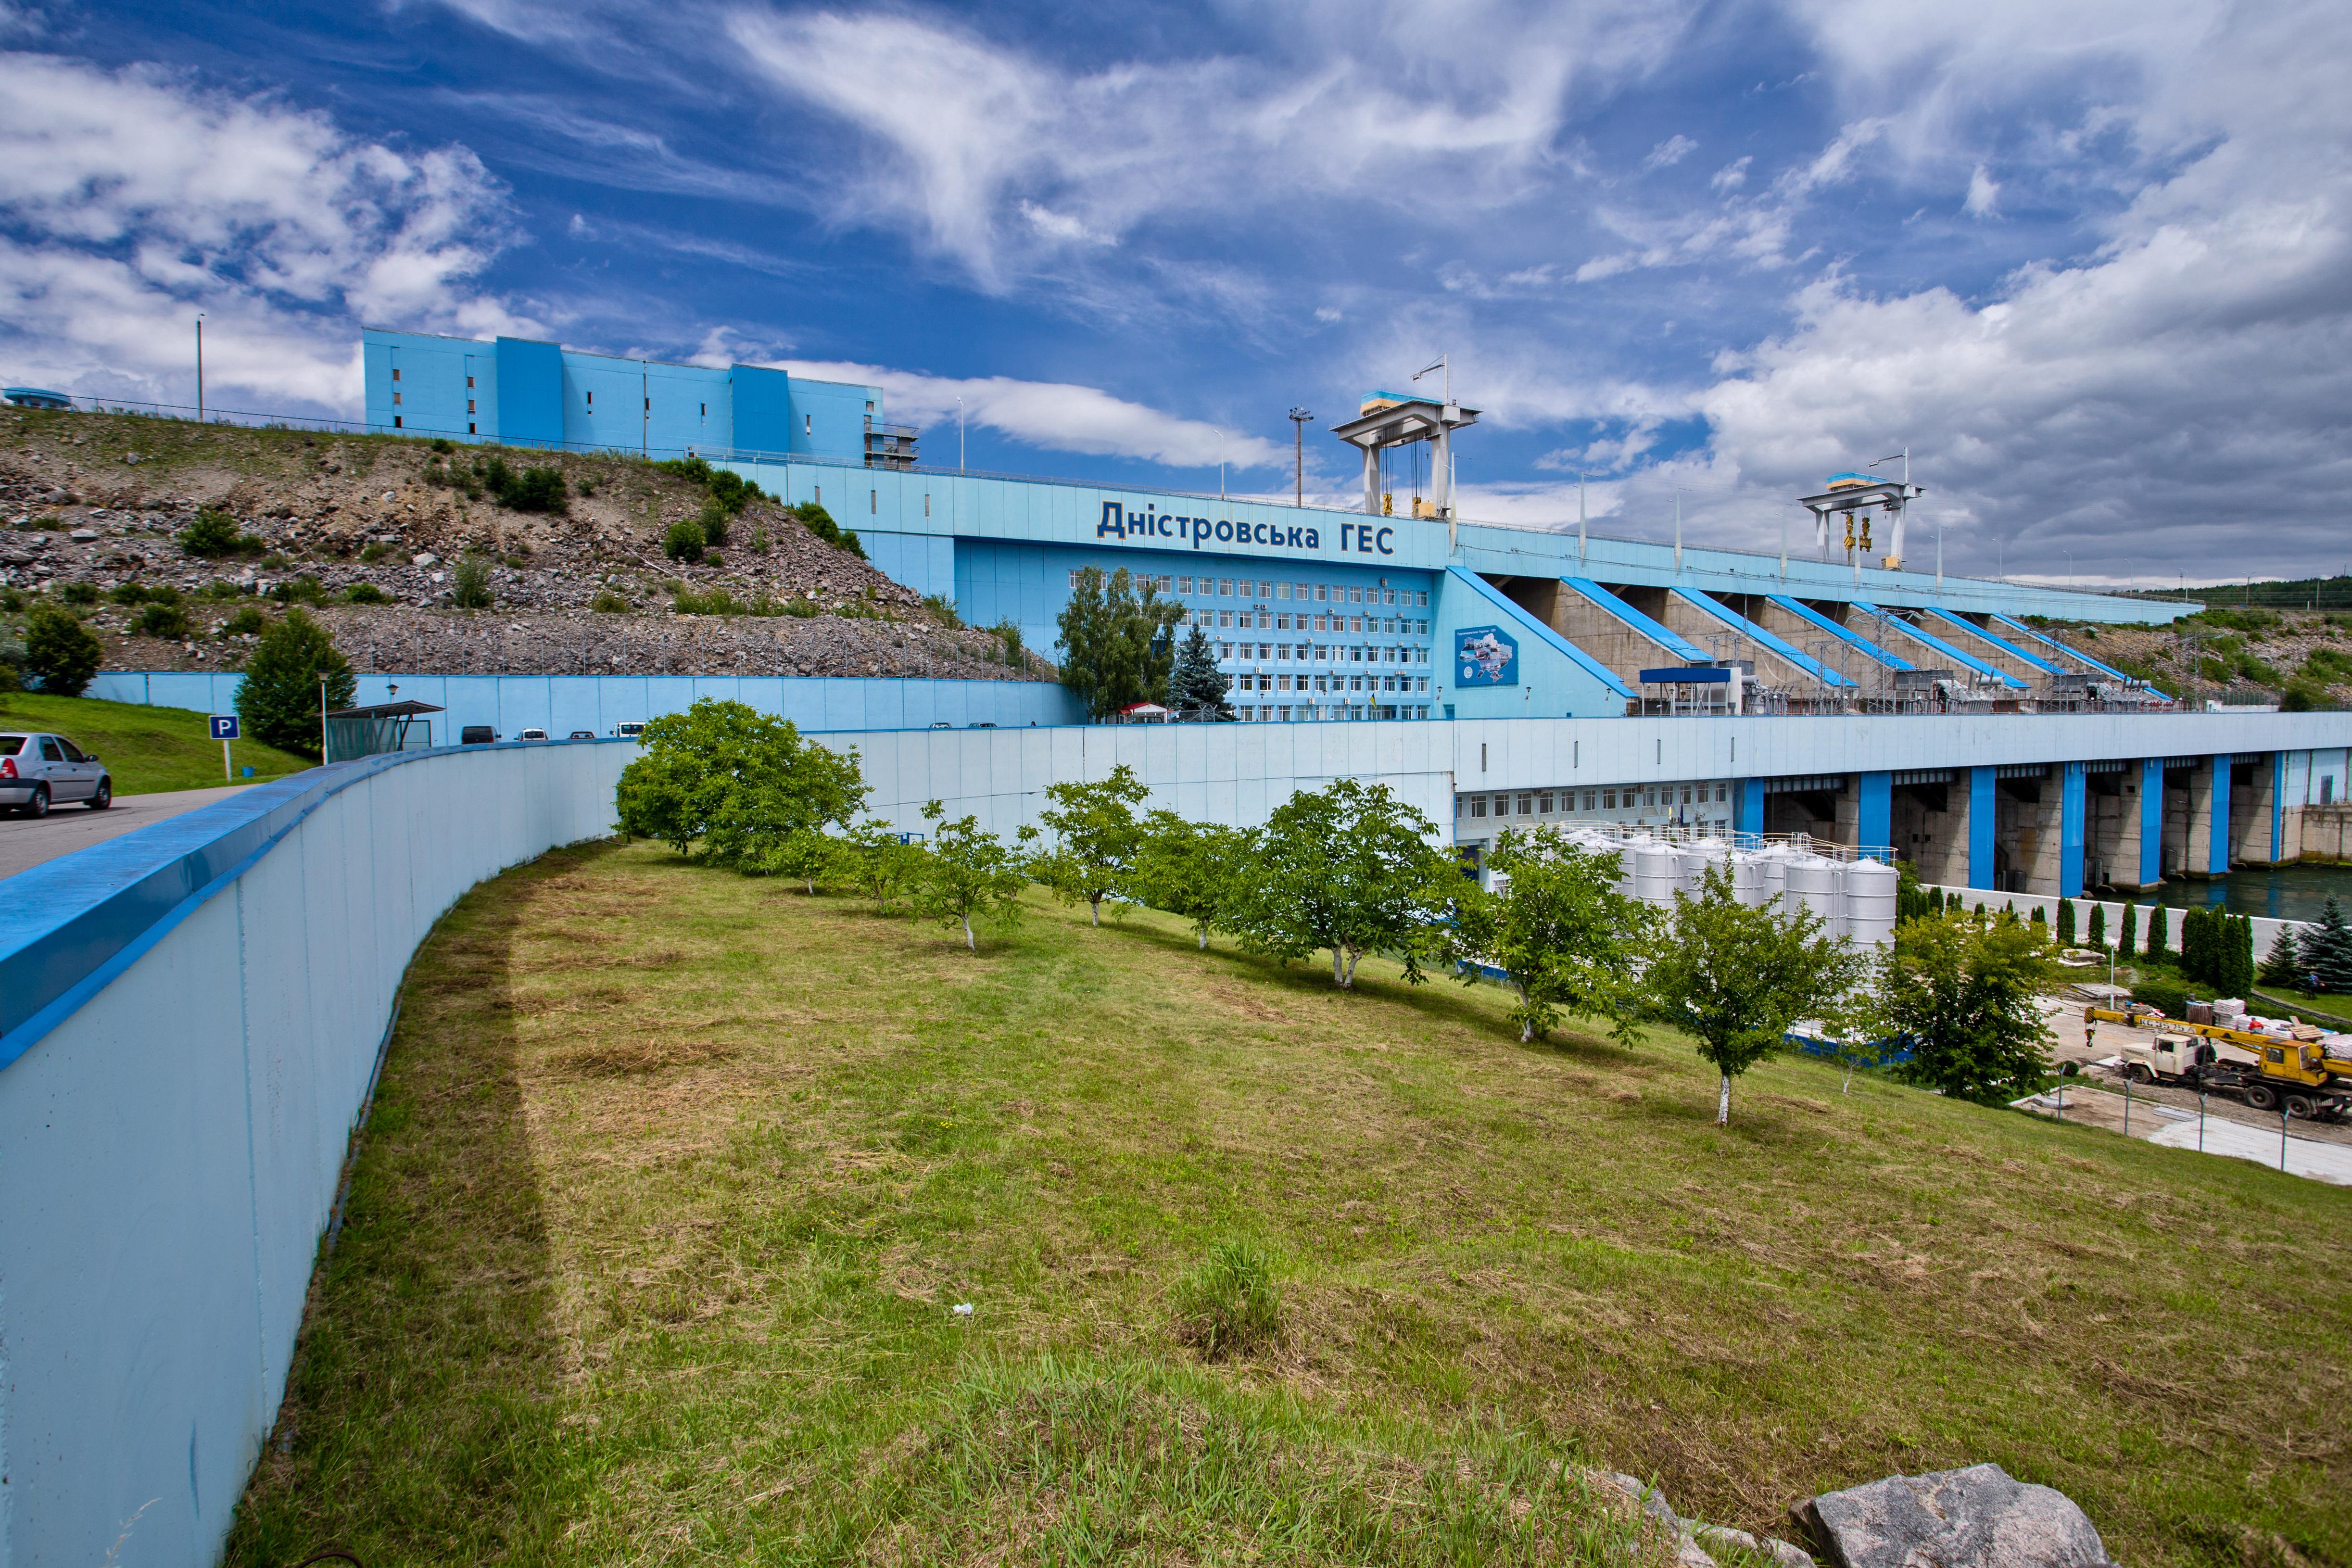 Днестровская ГЭС